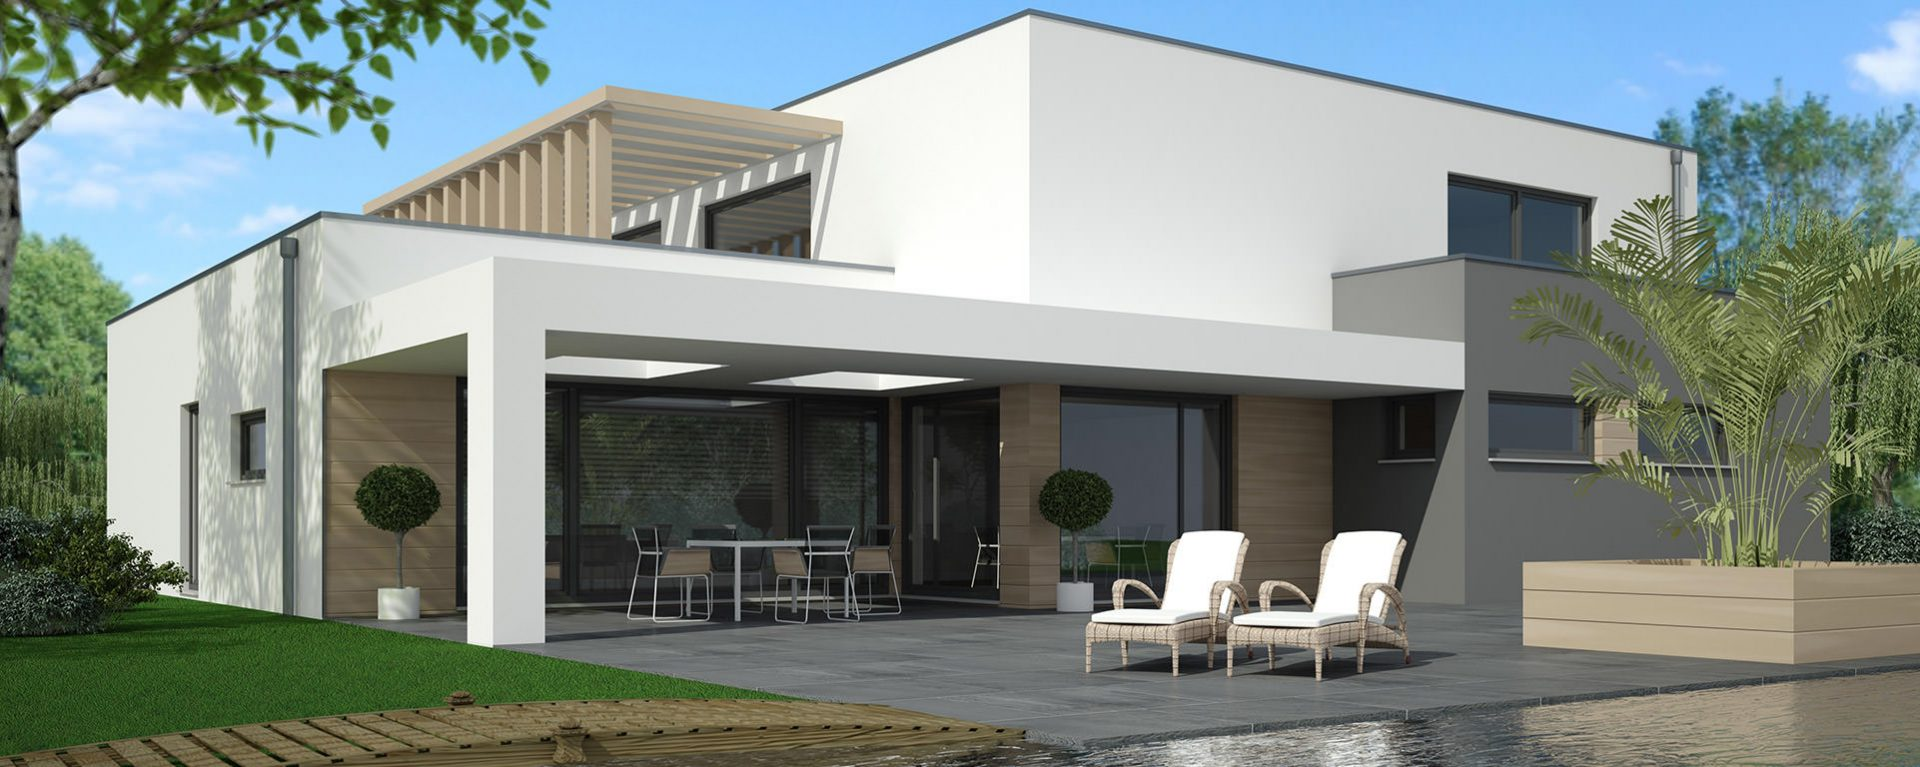 guipet karine atelier architecture à besançon | architecte